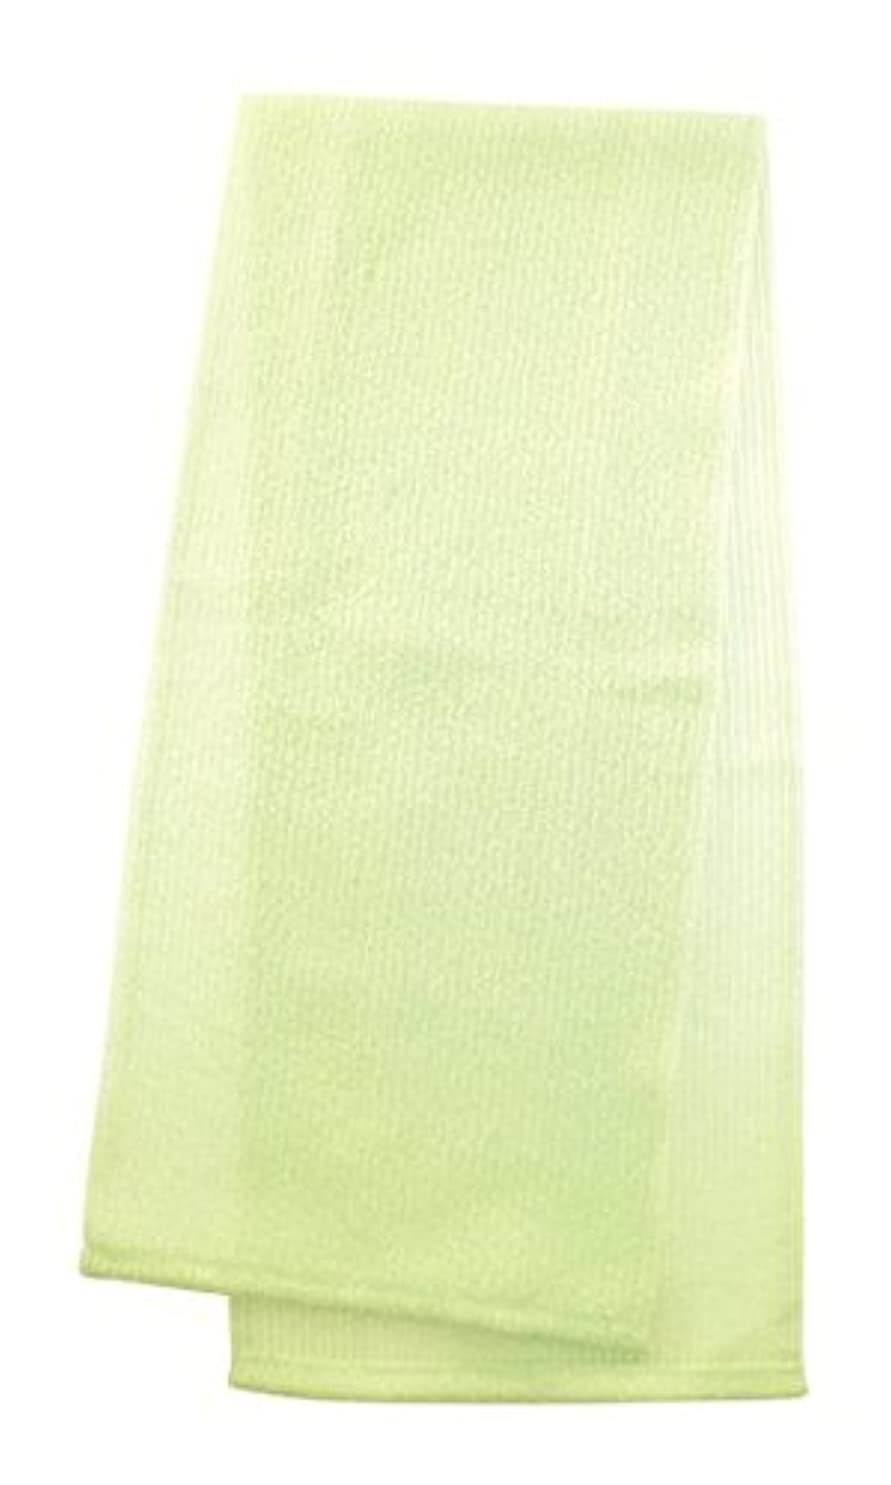 規制するエイリアス精度マーナ  ボディタオル 「とろり」 グリーン B576G